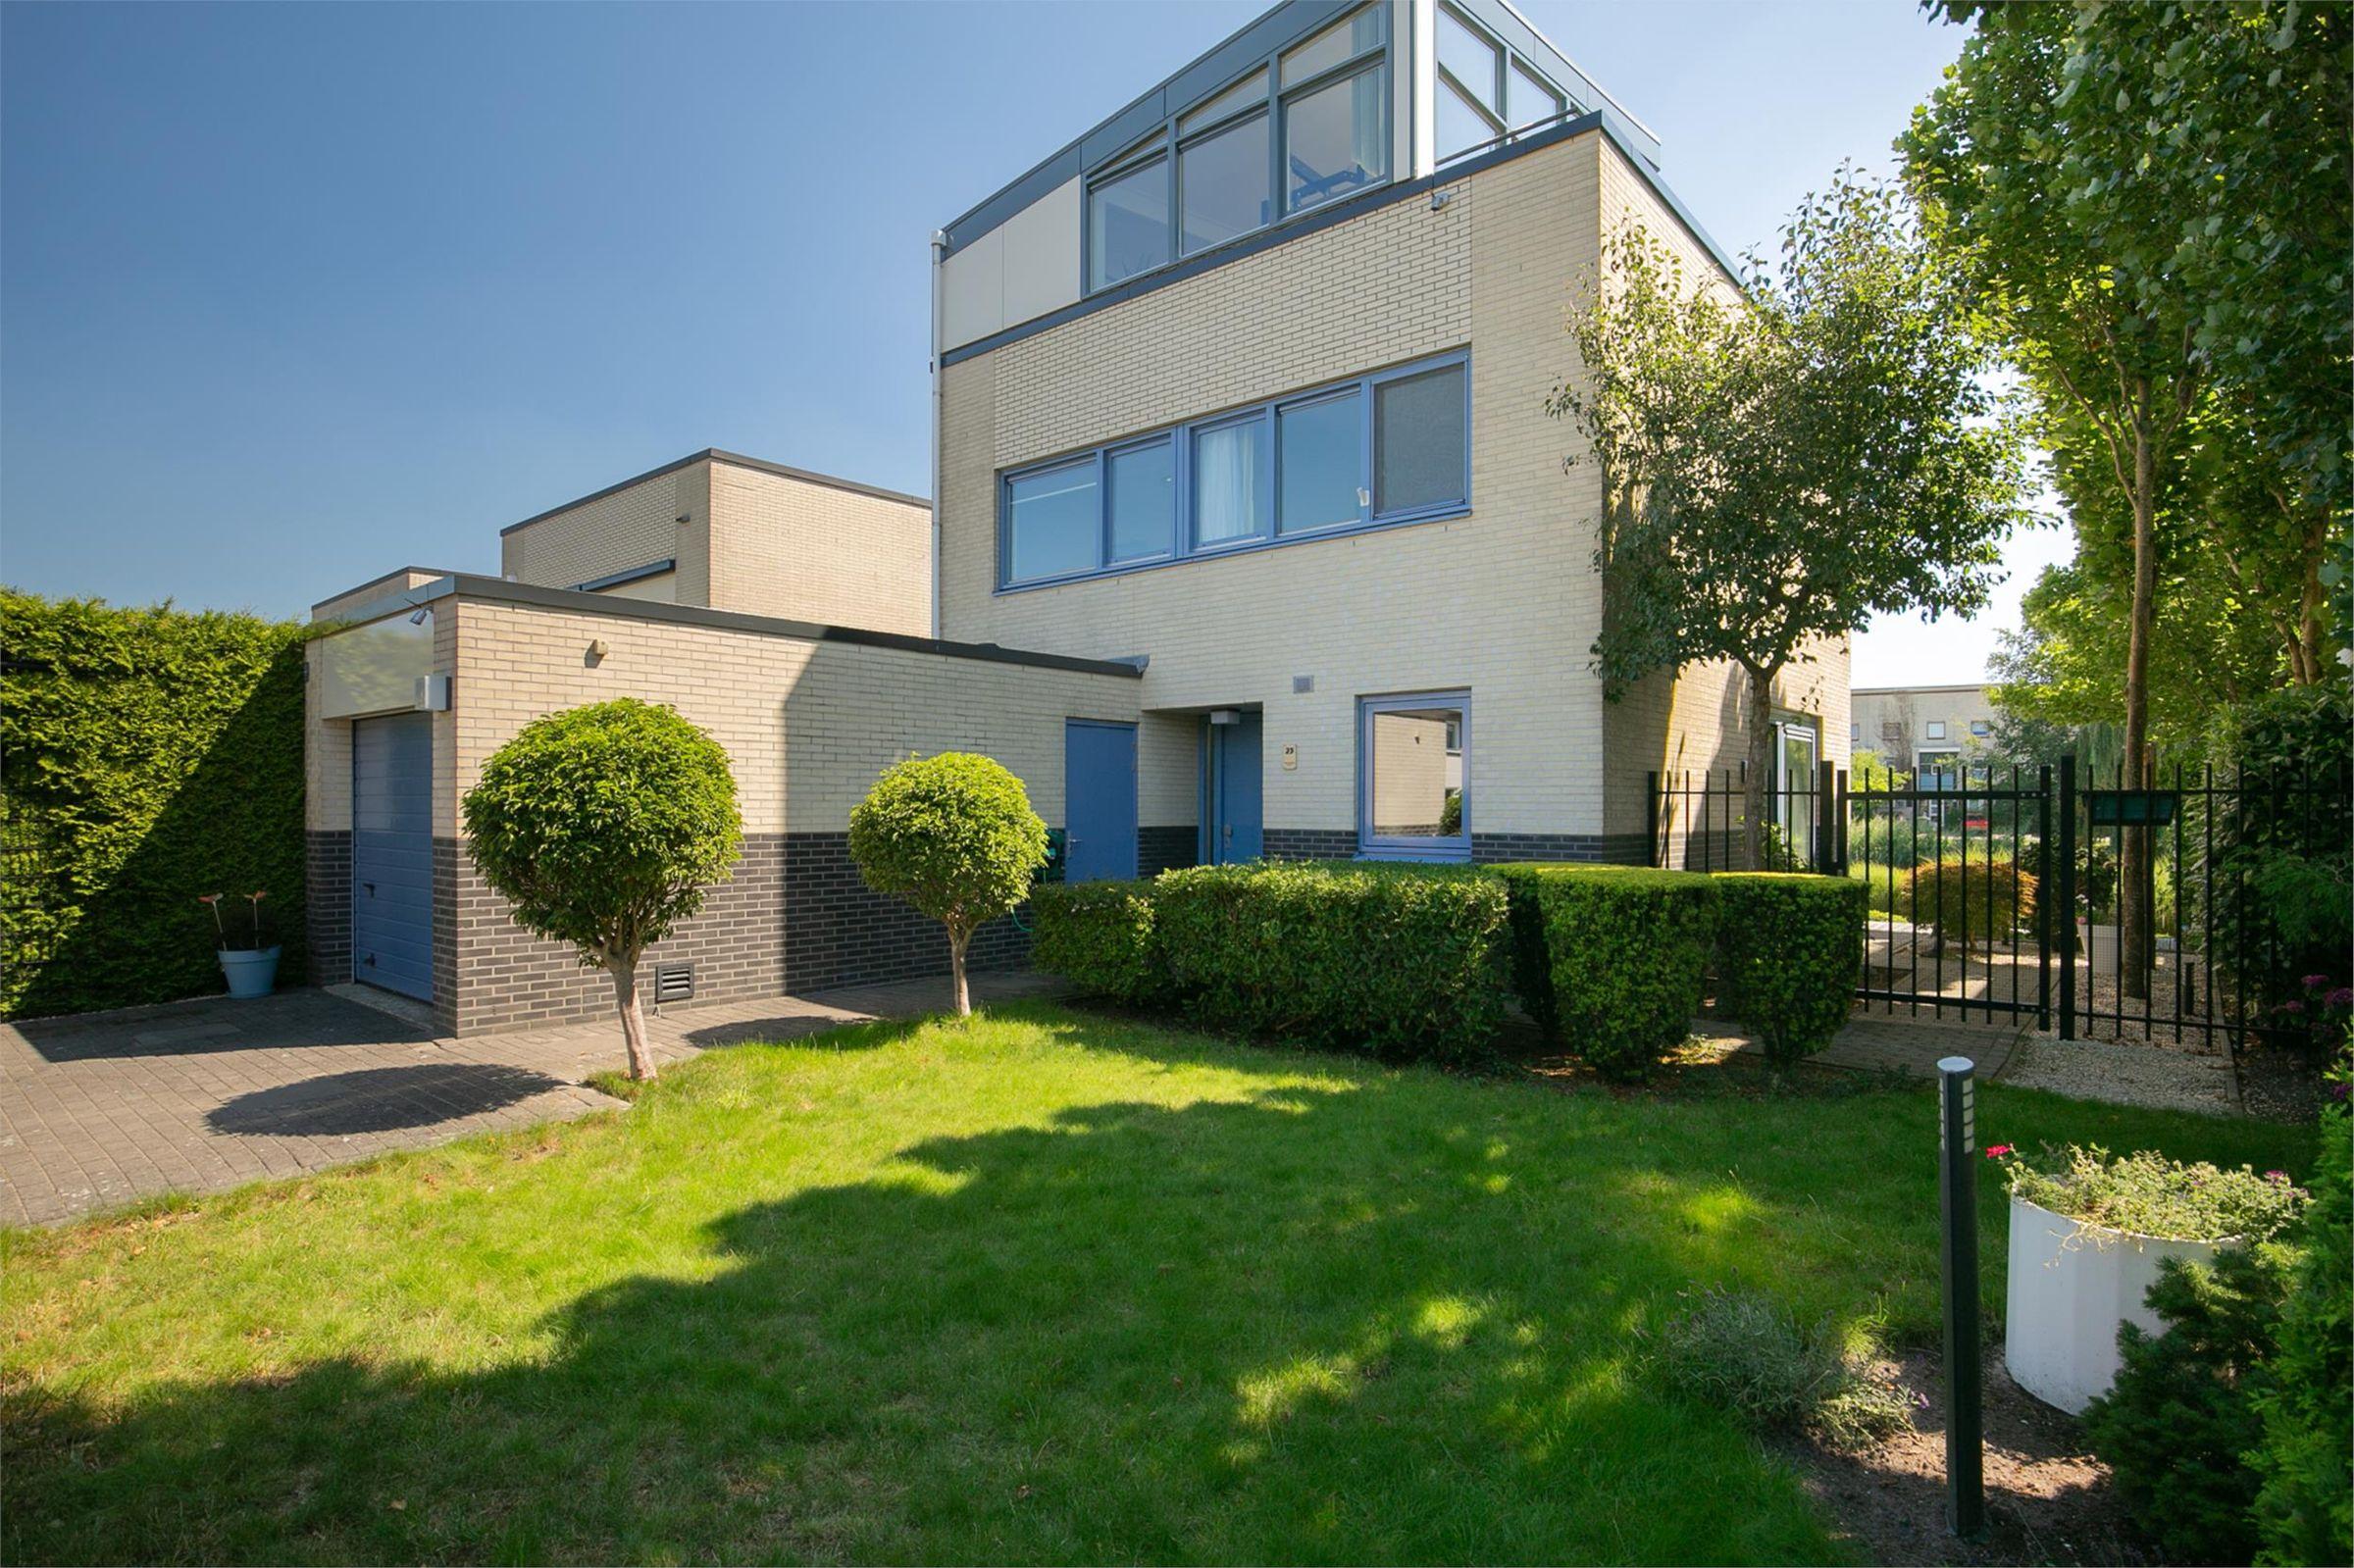 Tolhuisstraat 23, Almere